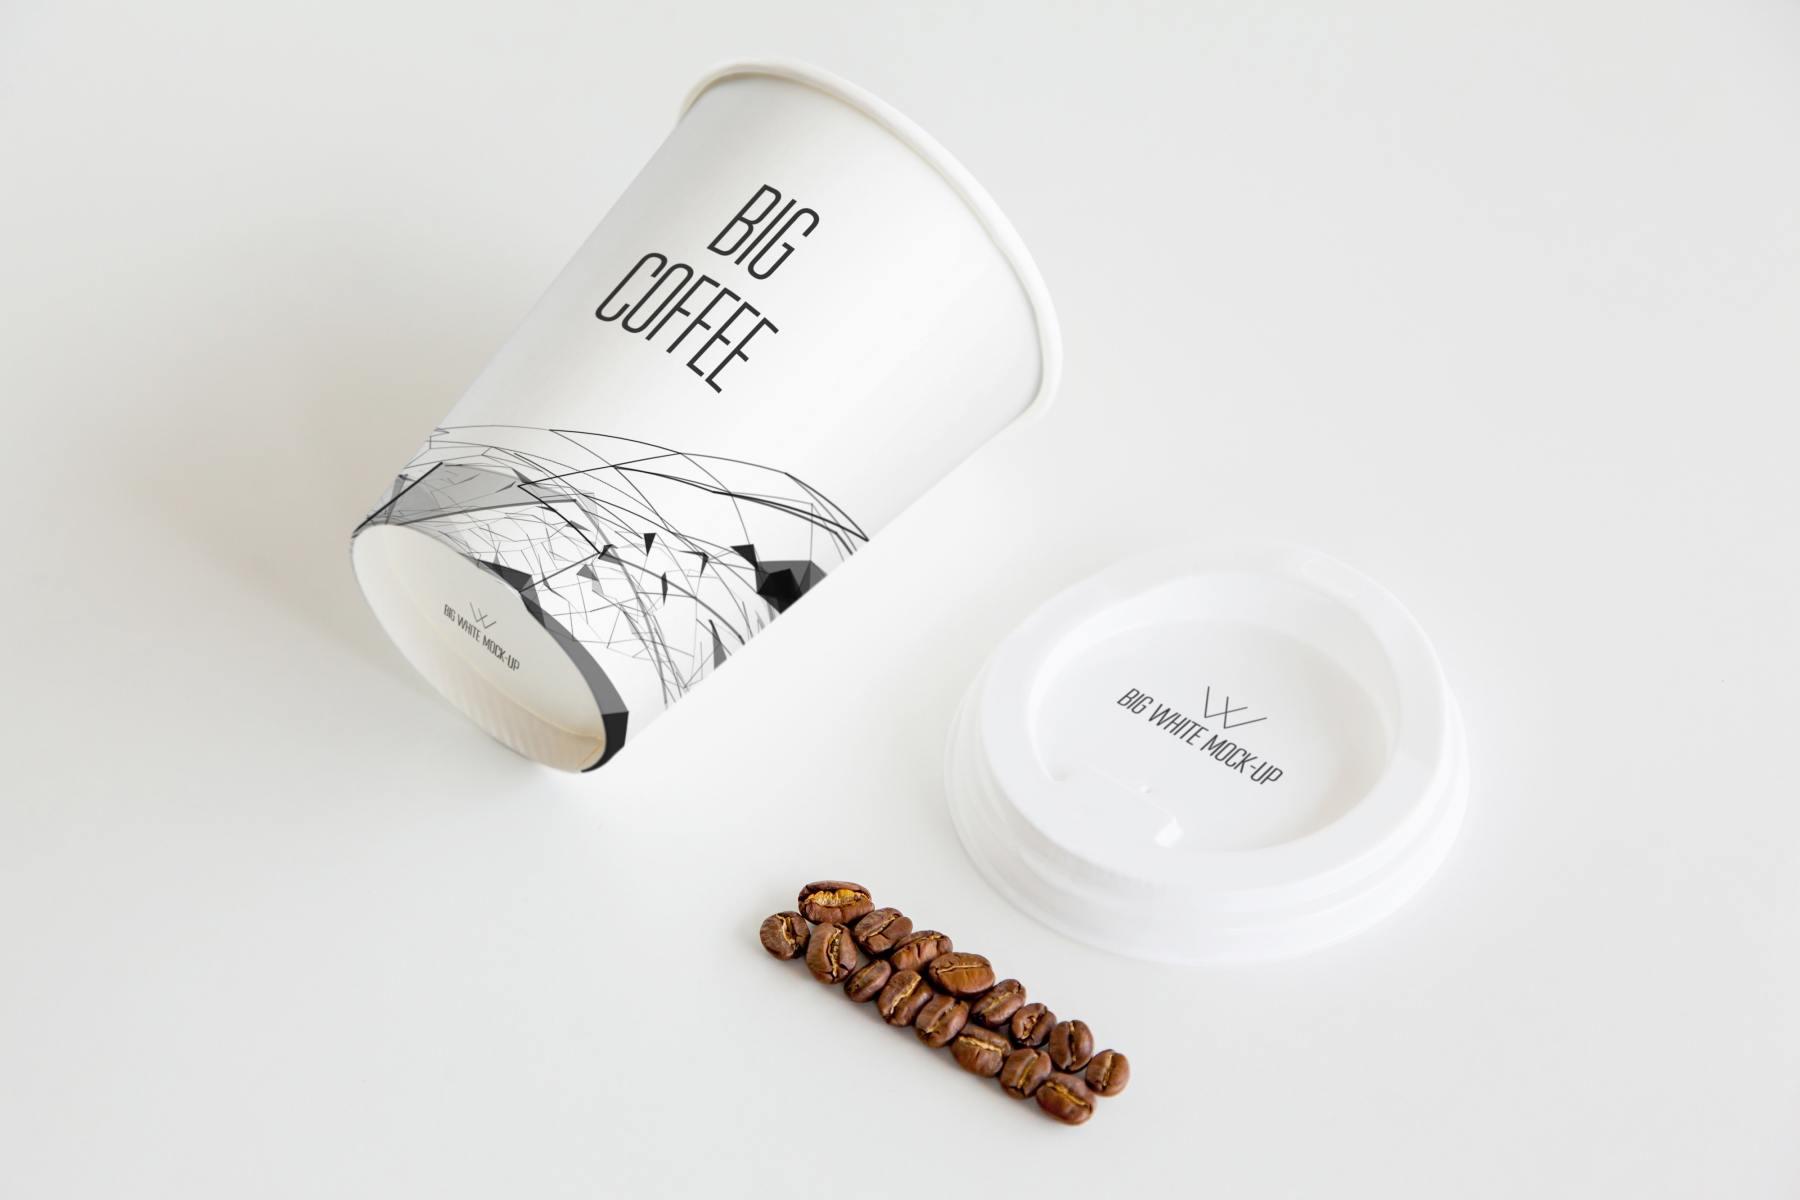 1569718203 bba1842b1b407de - 休闲简约风企业vi样机咖啡杯样机